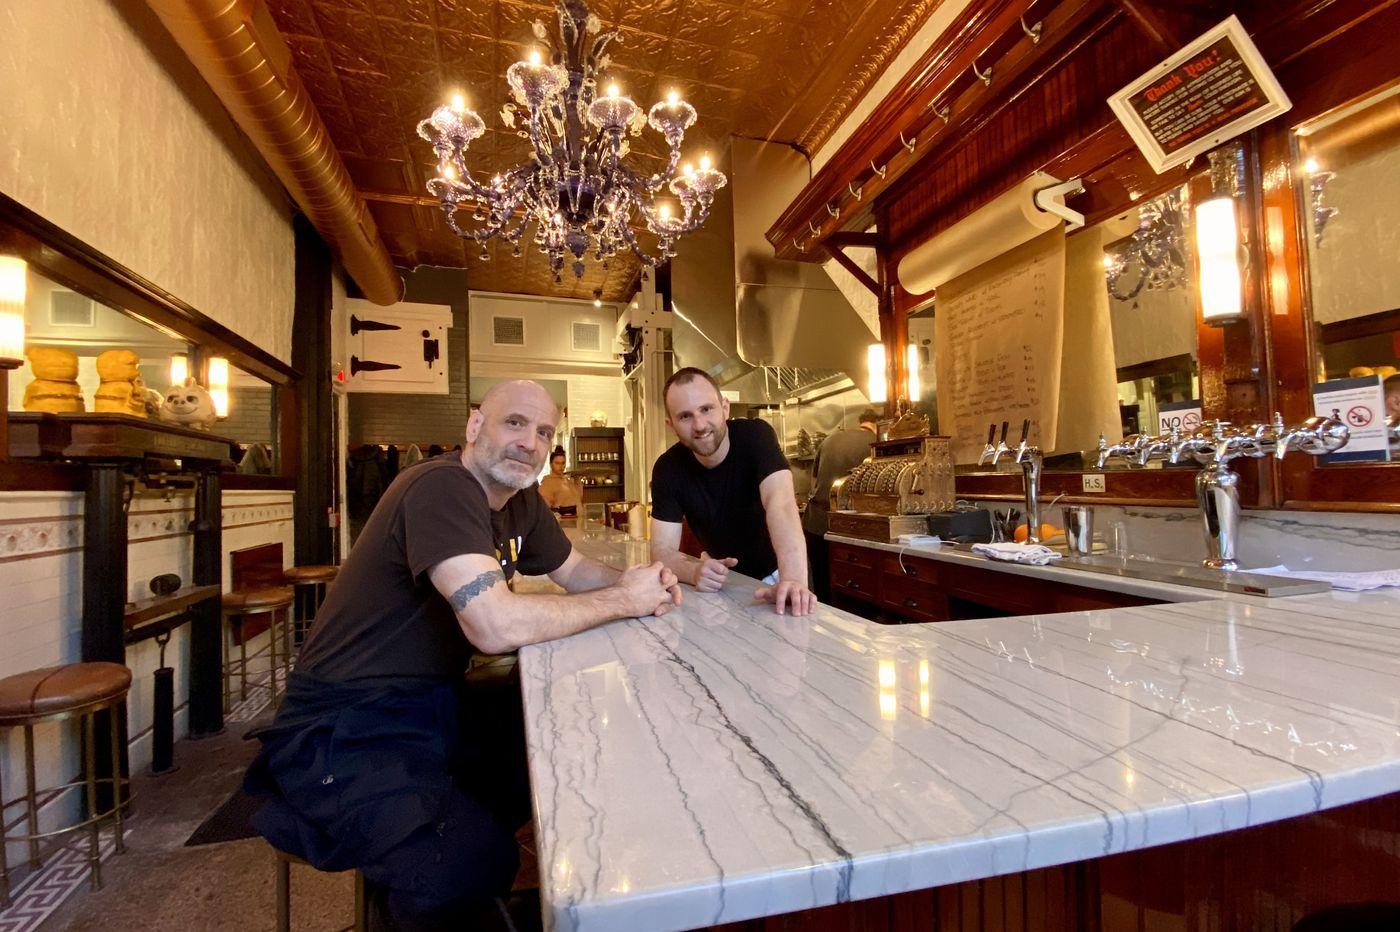 Inside Fiorella, Marc Vetri's pasta bar in Bella Vista